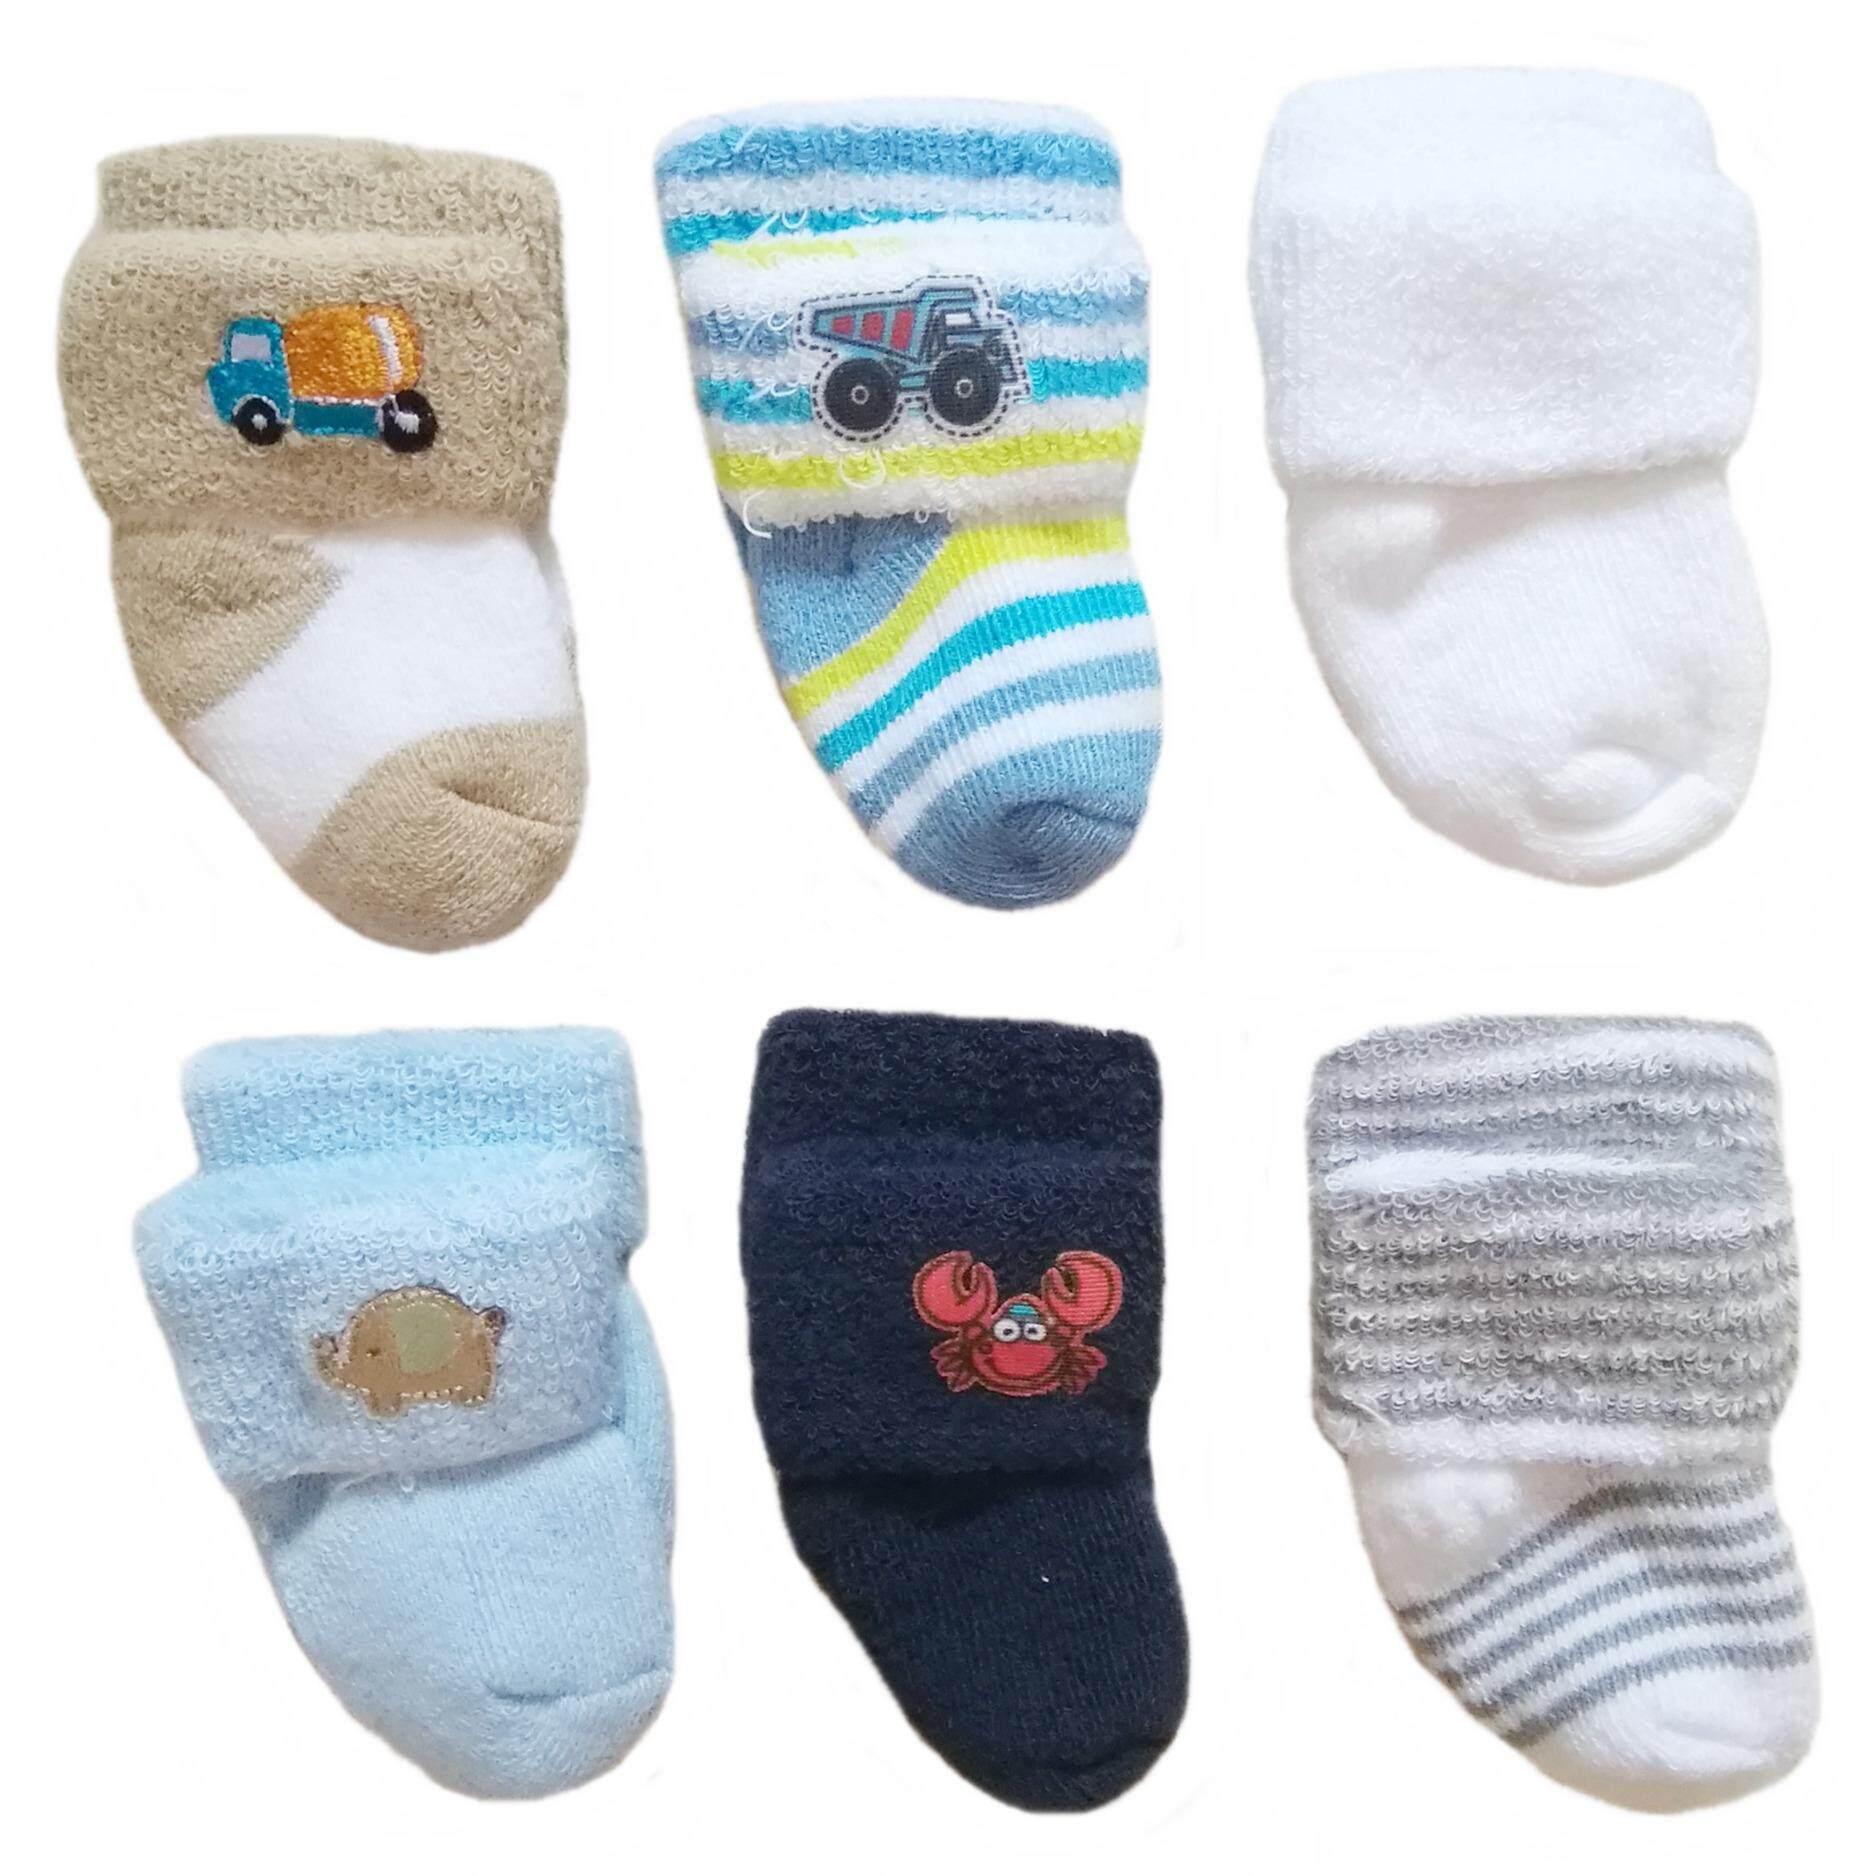 ขาย ถุงเท้าเด็กทารก เด็กอ่อน เด็กแรกเกิด 3 เดือน สำหรับเด็กผู้ชายน่ารัก แพ็ค 6 คู่ เป็นต้นฉบับ